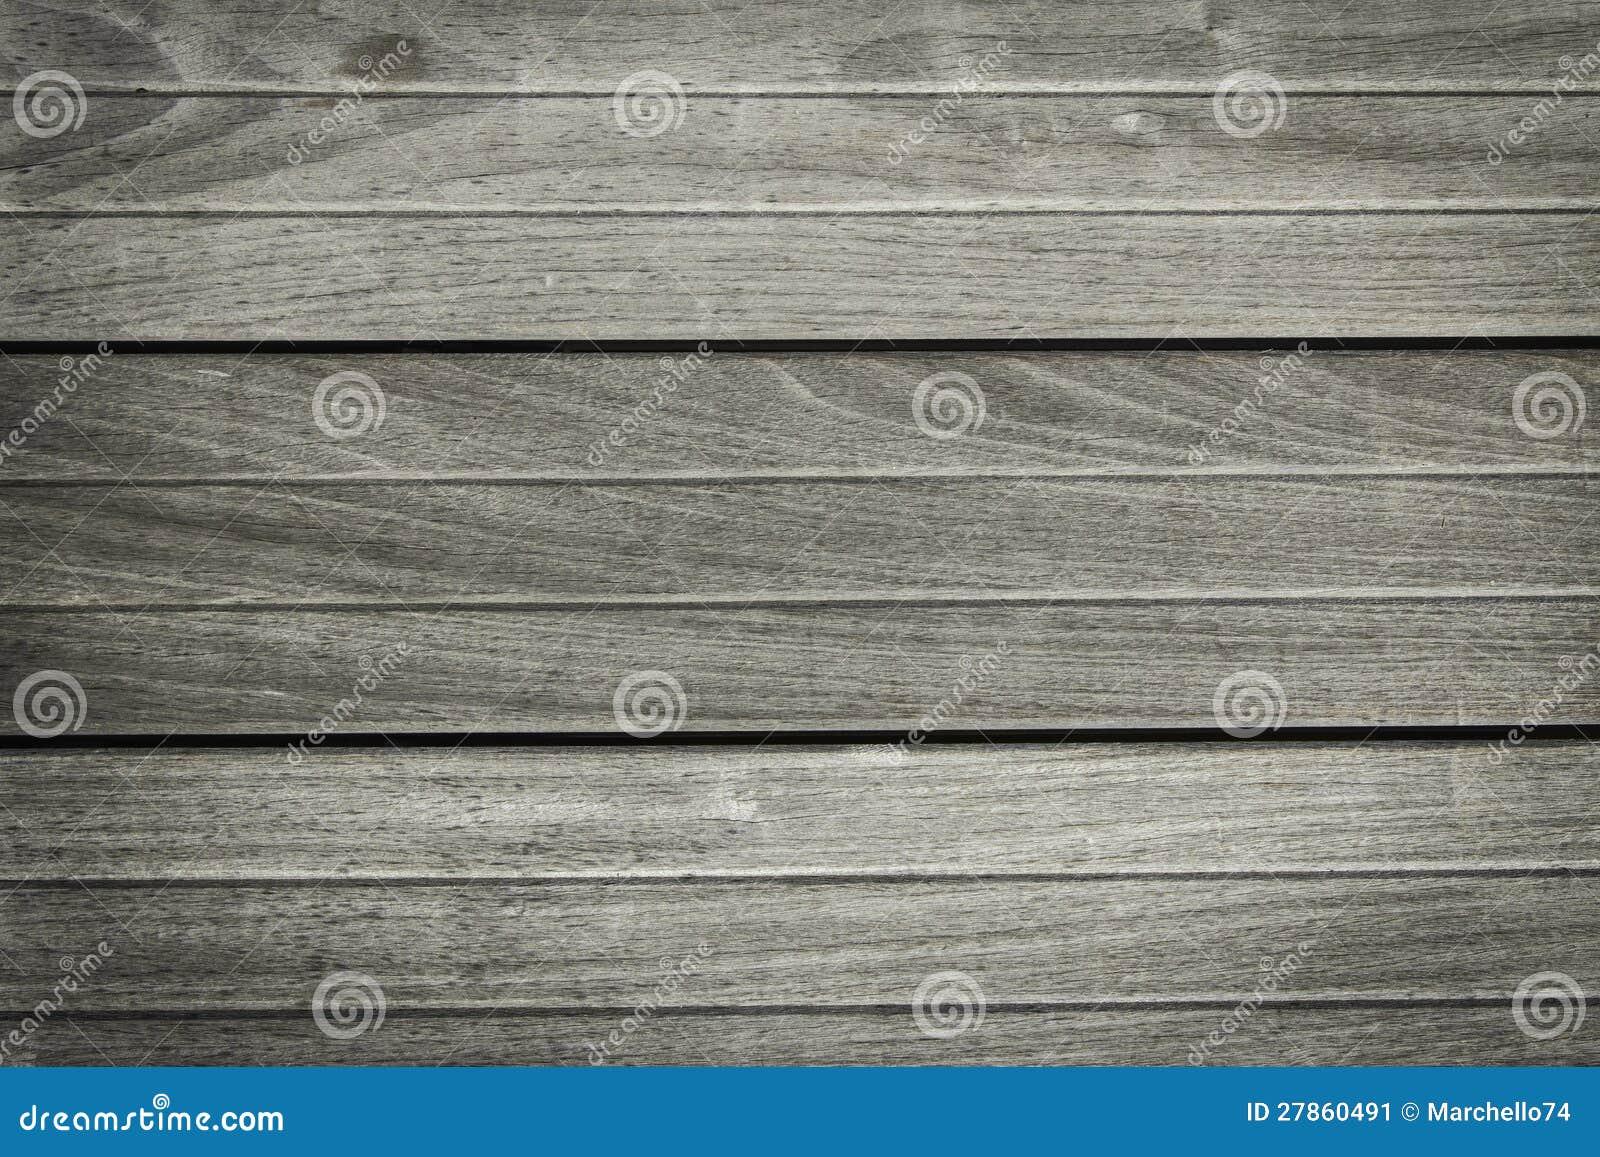 Horyzontalny drewniany wzór